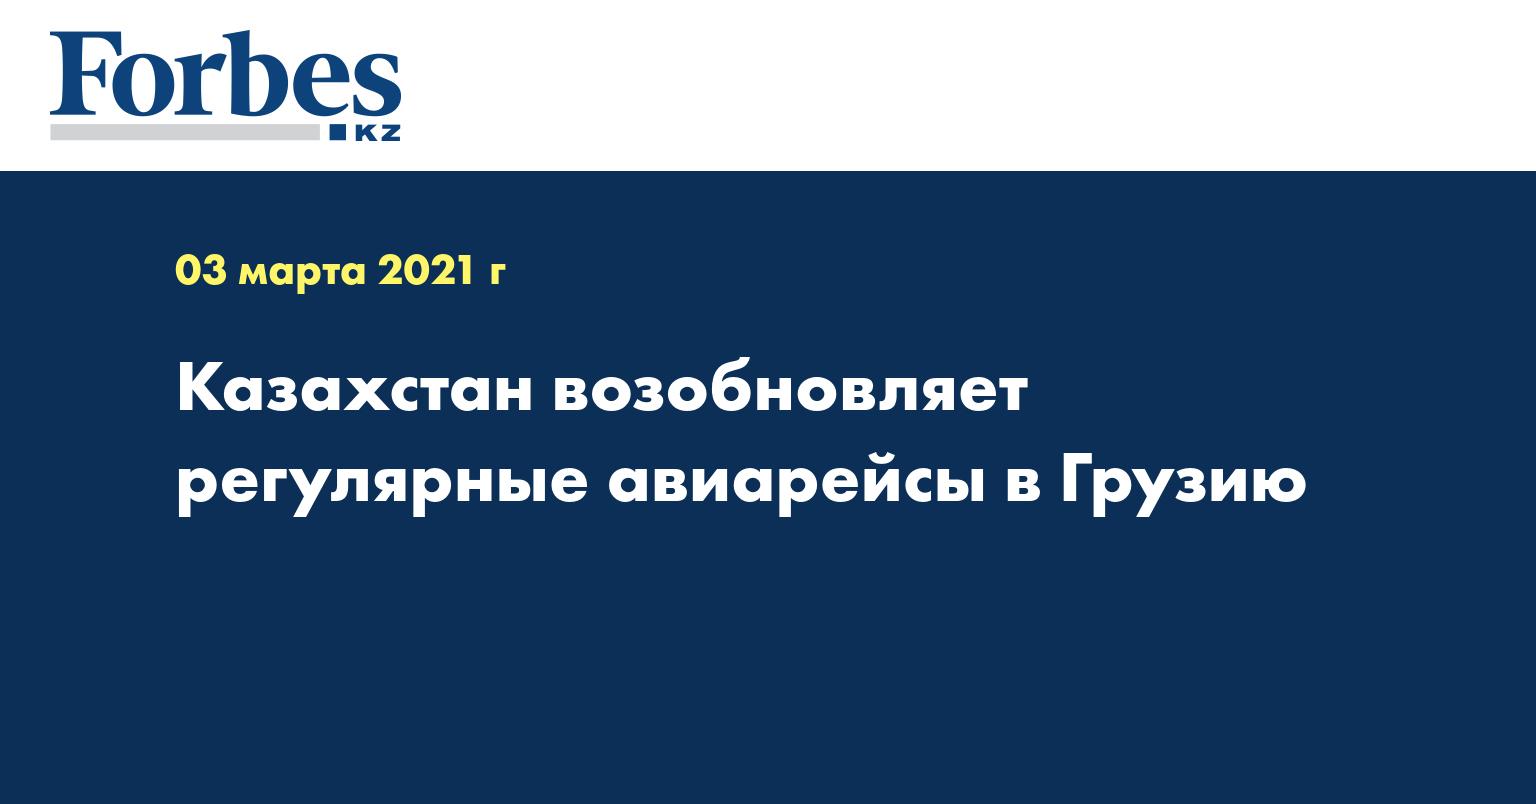 Казахстан возобновляет регулярные авиарейсы в Грузию